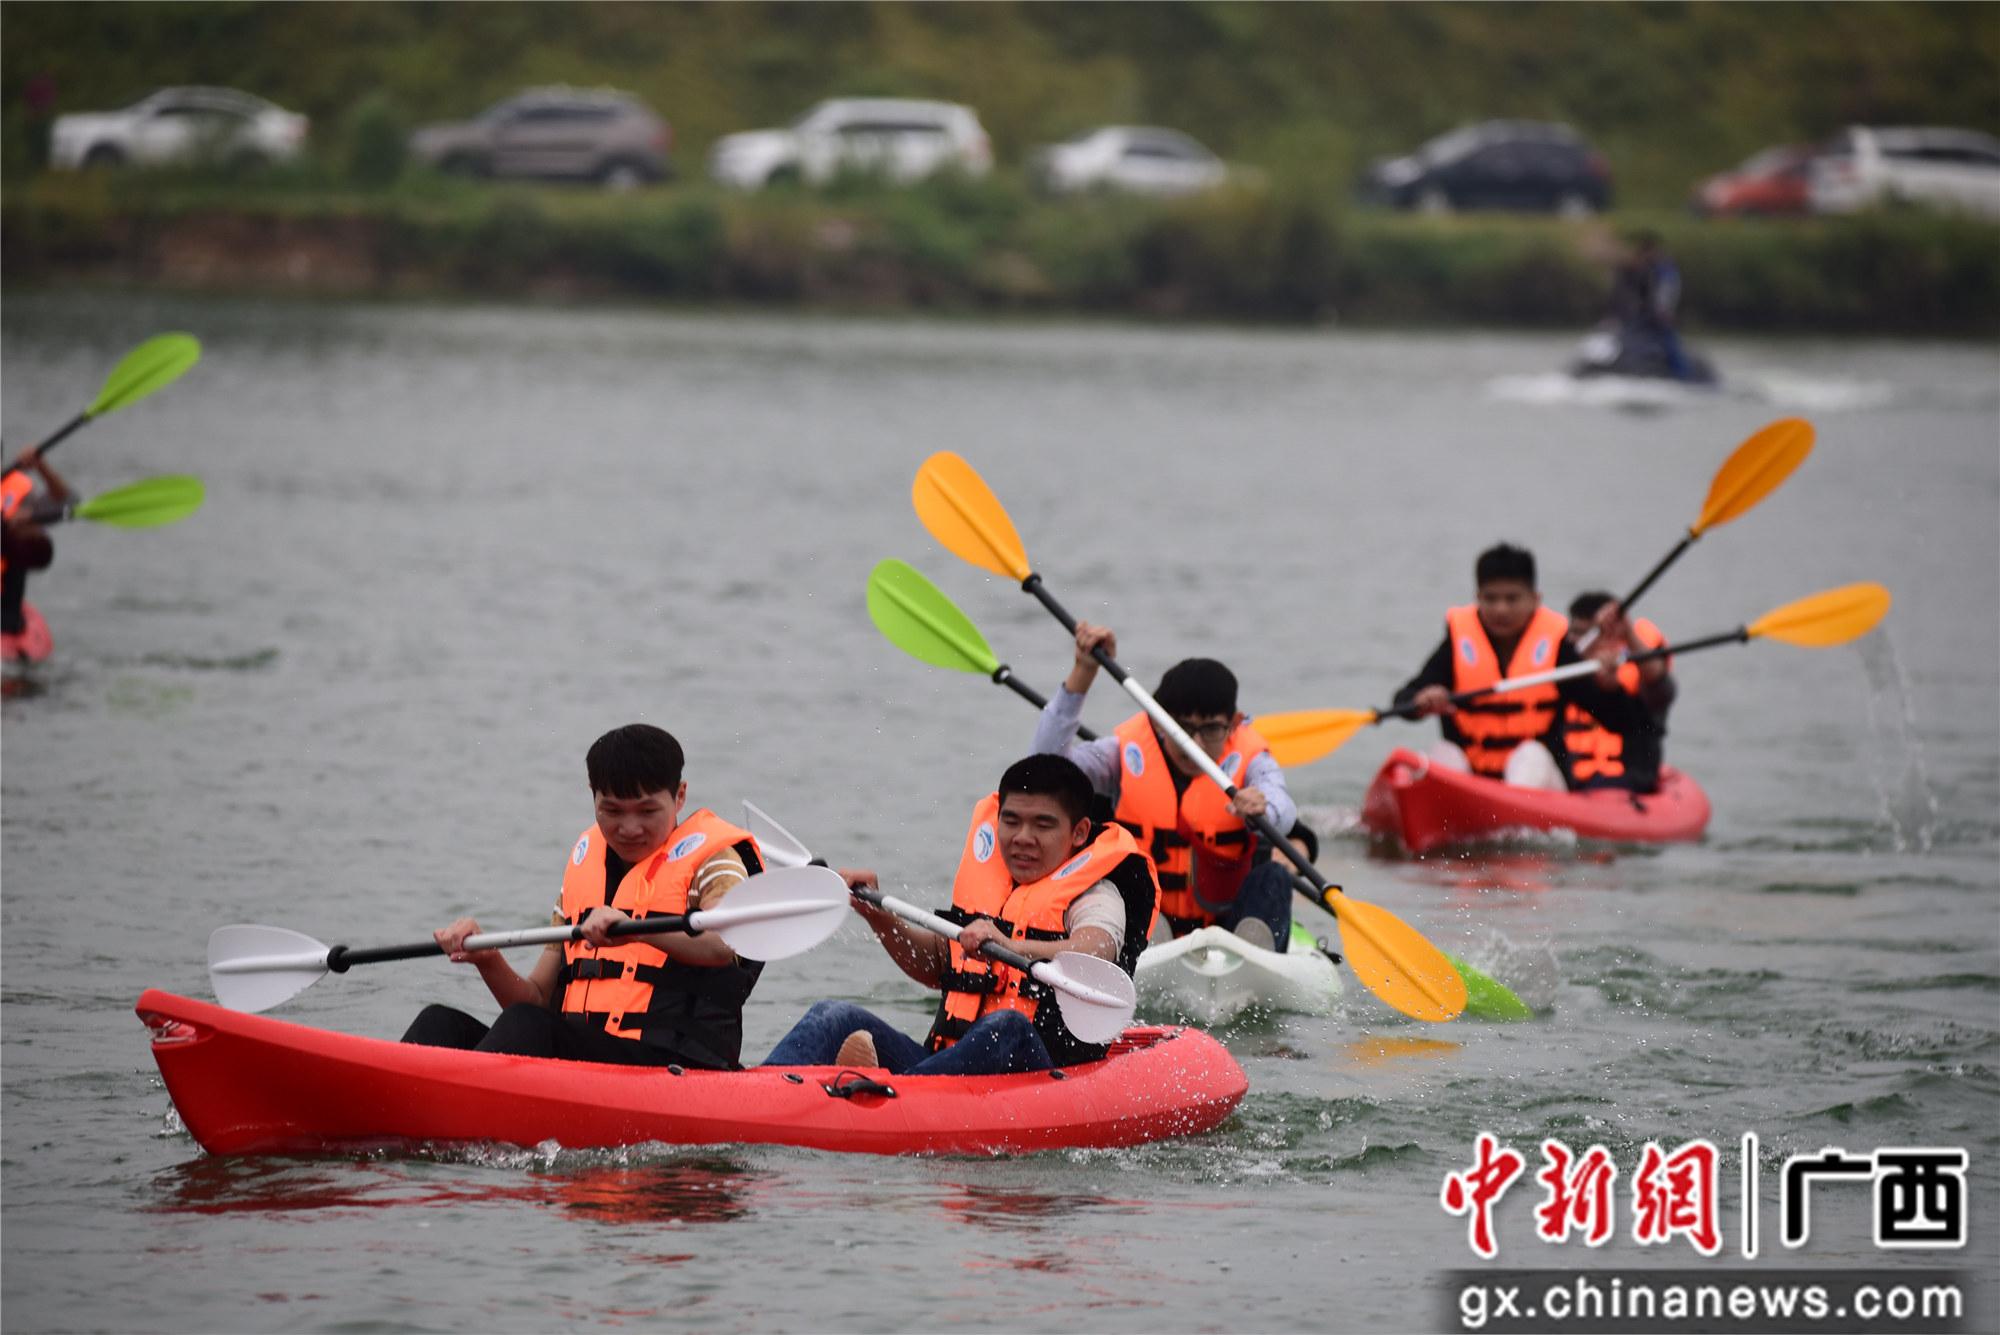 广西数百市民划皮划艇江面竞速